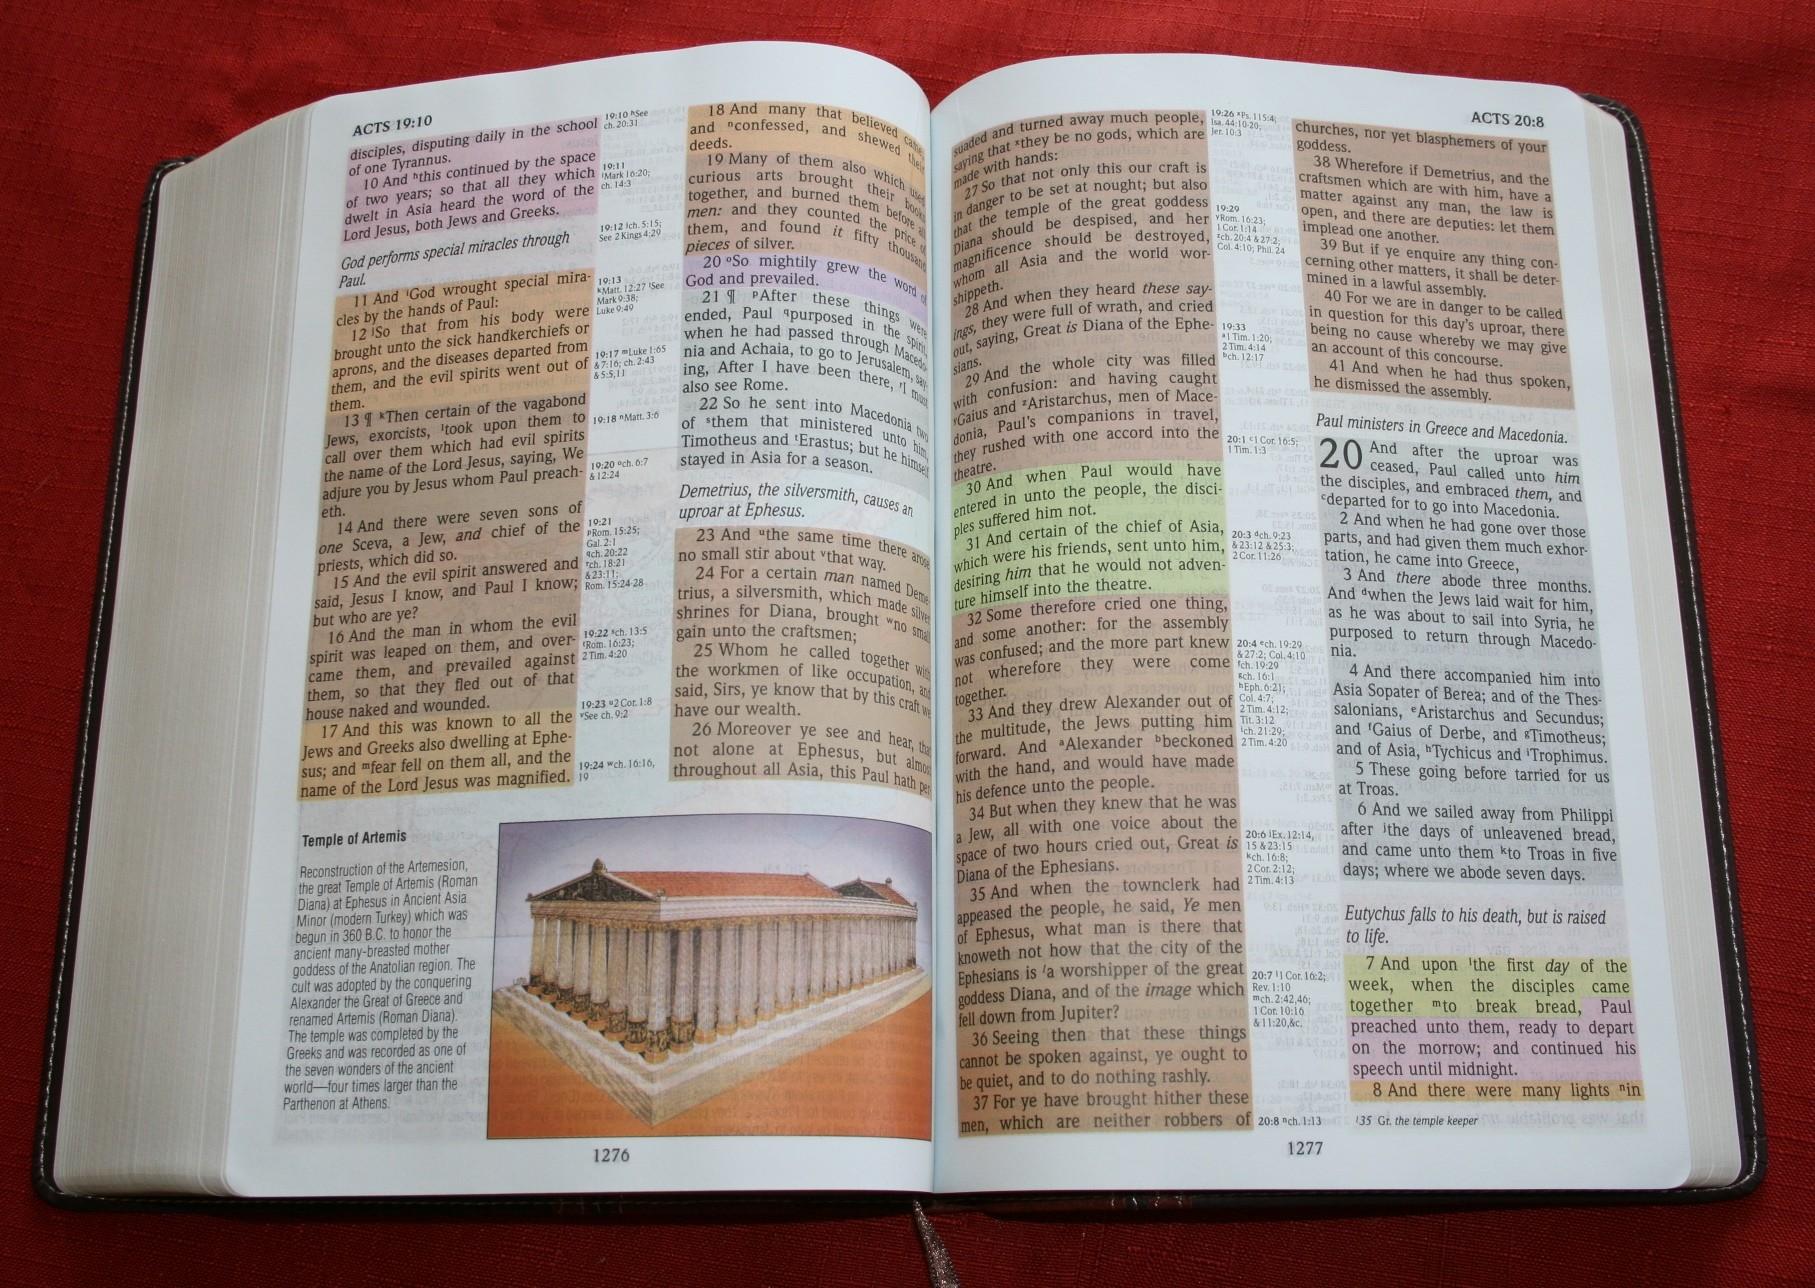 KJV - biblesbythecase.com